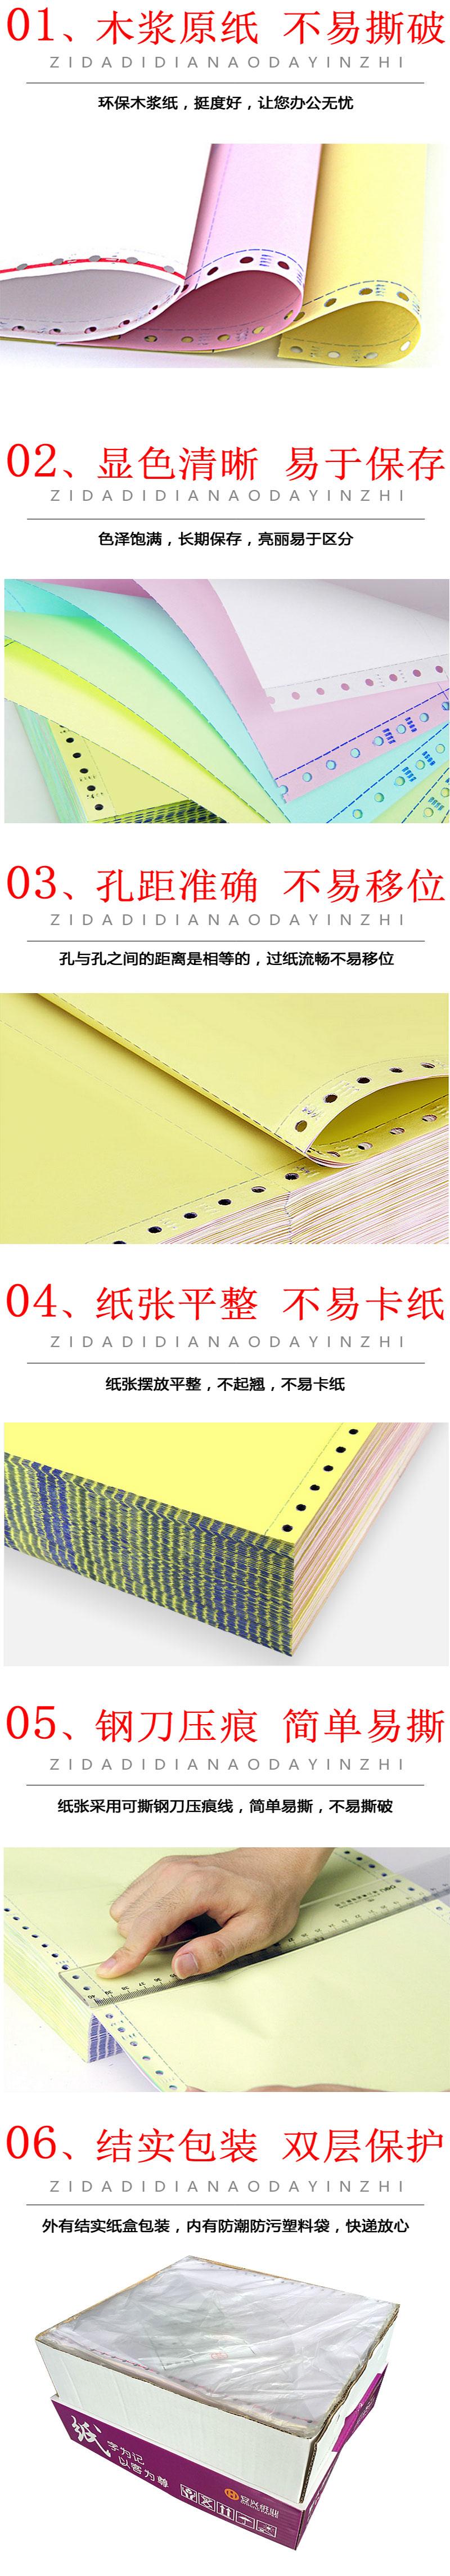 241-2紫大地电脑打印纸 压线二等分彩色